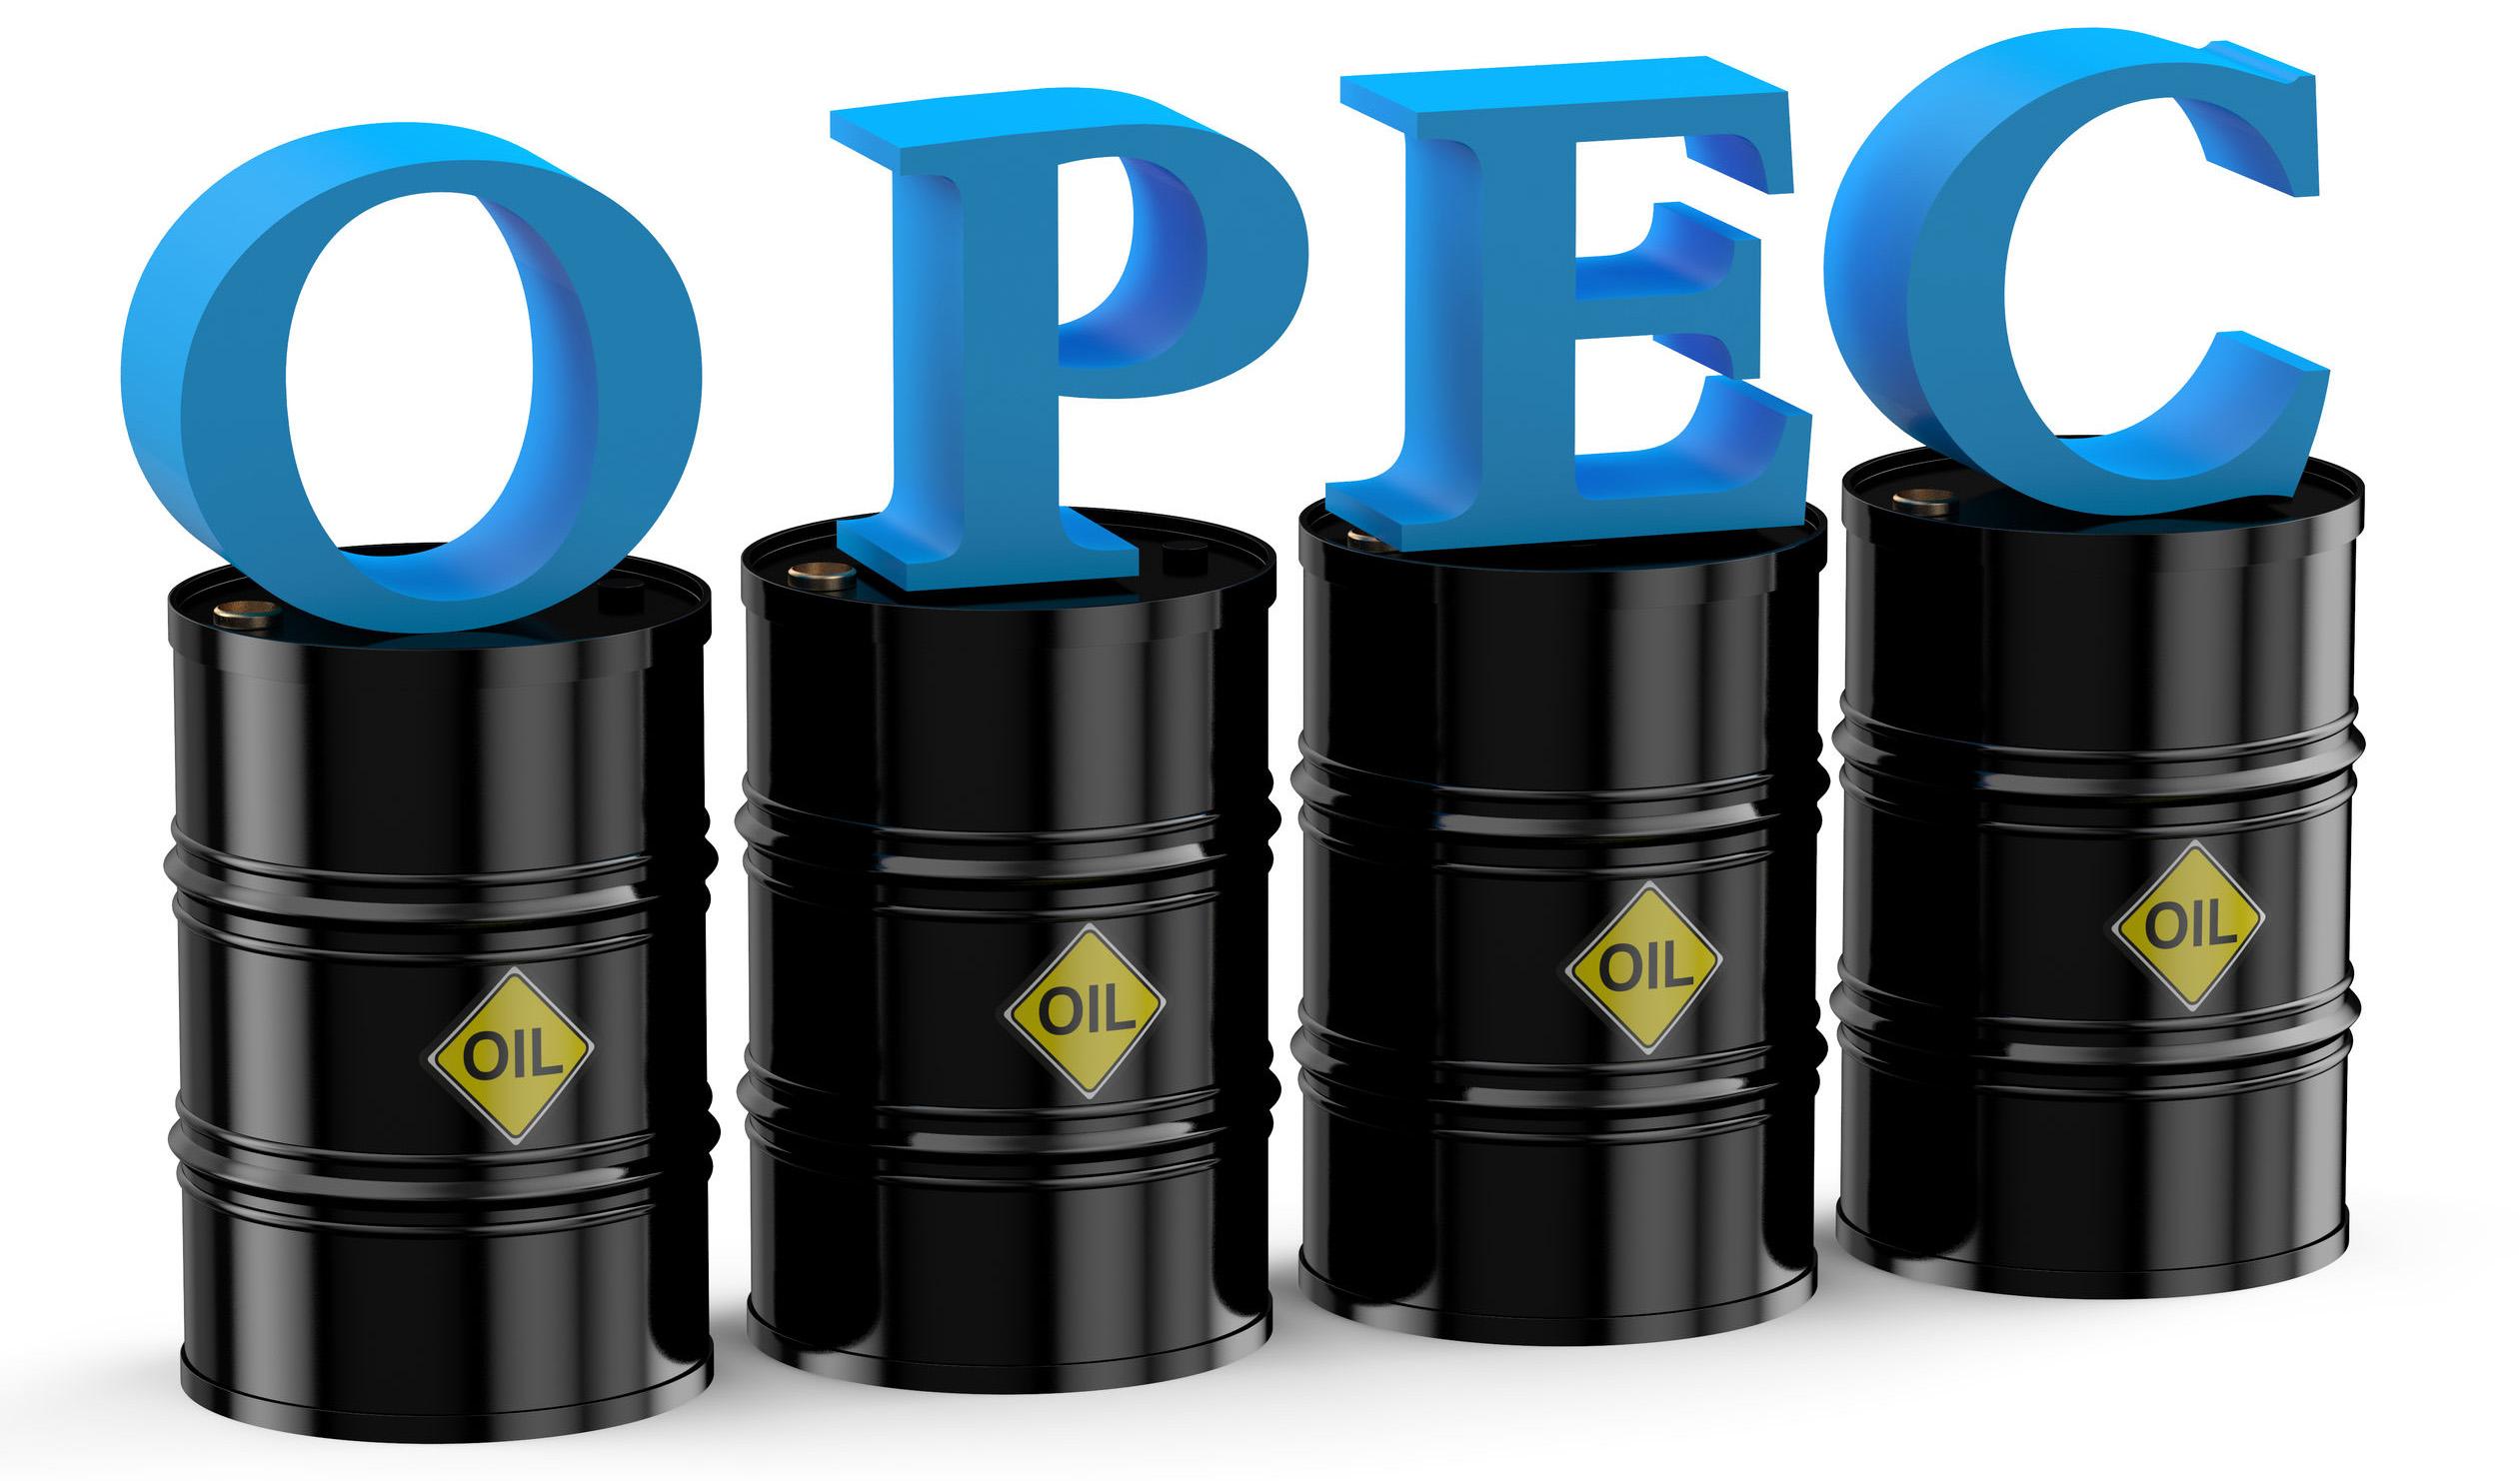 قیمت سبد نفتی اوپک؛ ۴۴ دلار و ۶۲ سنت